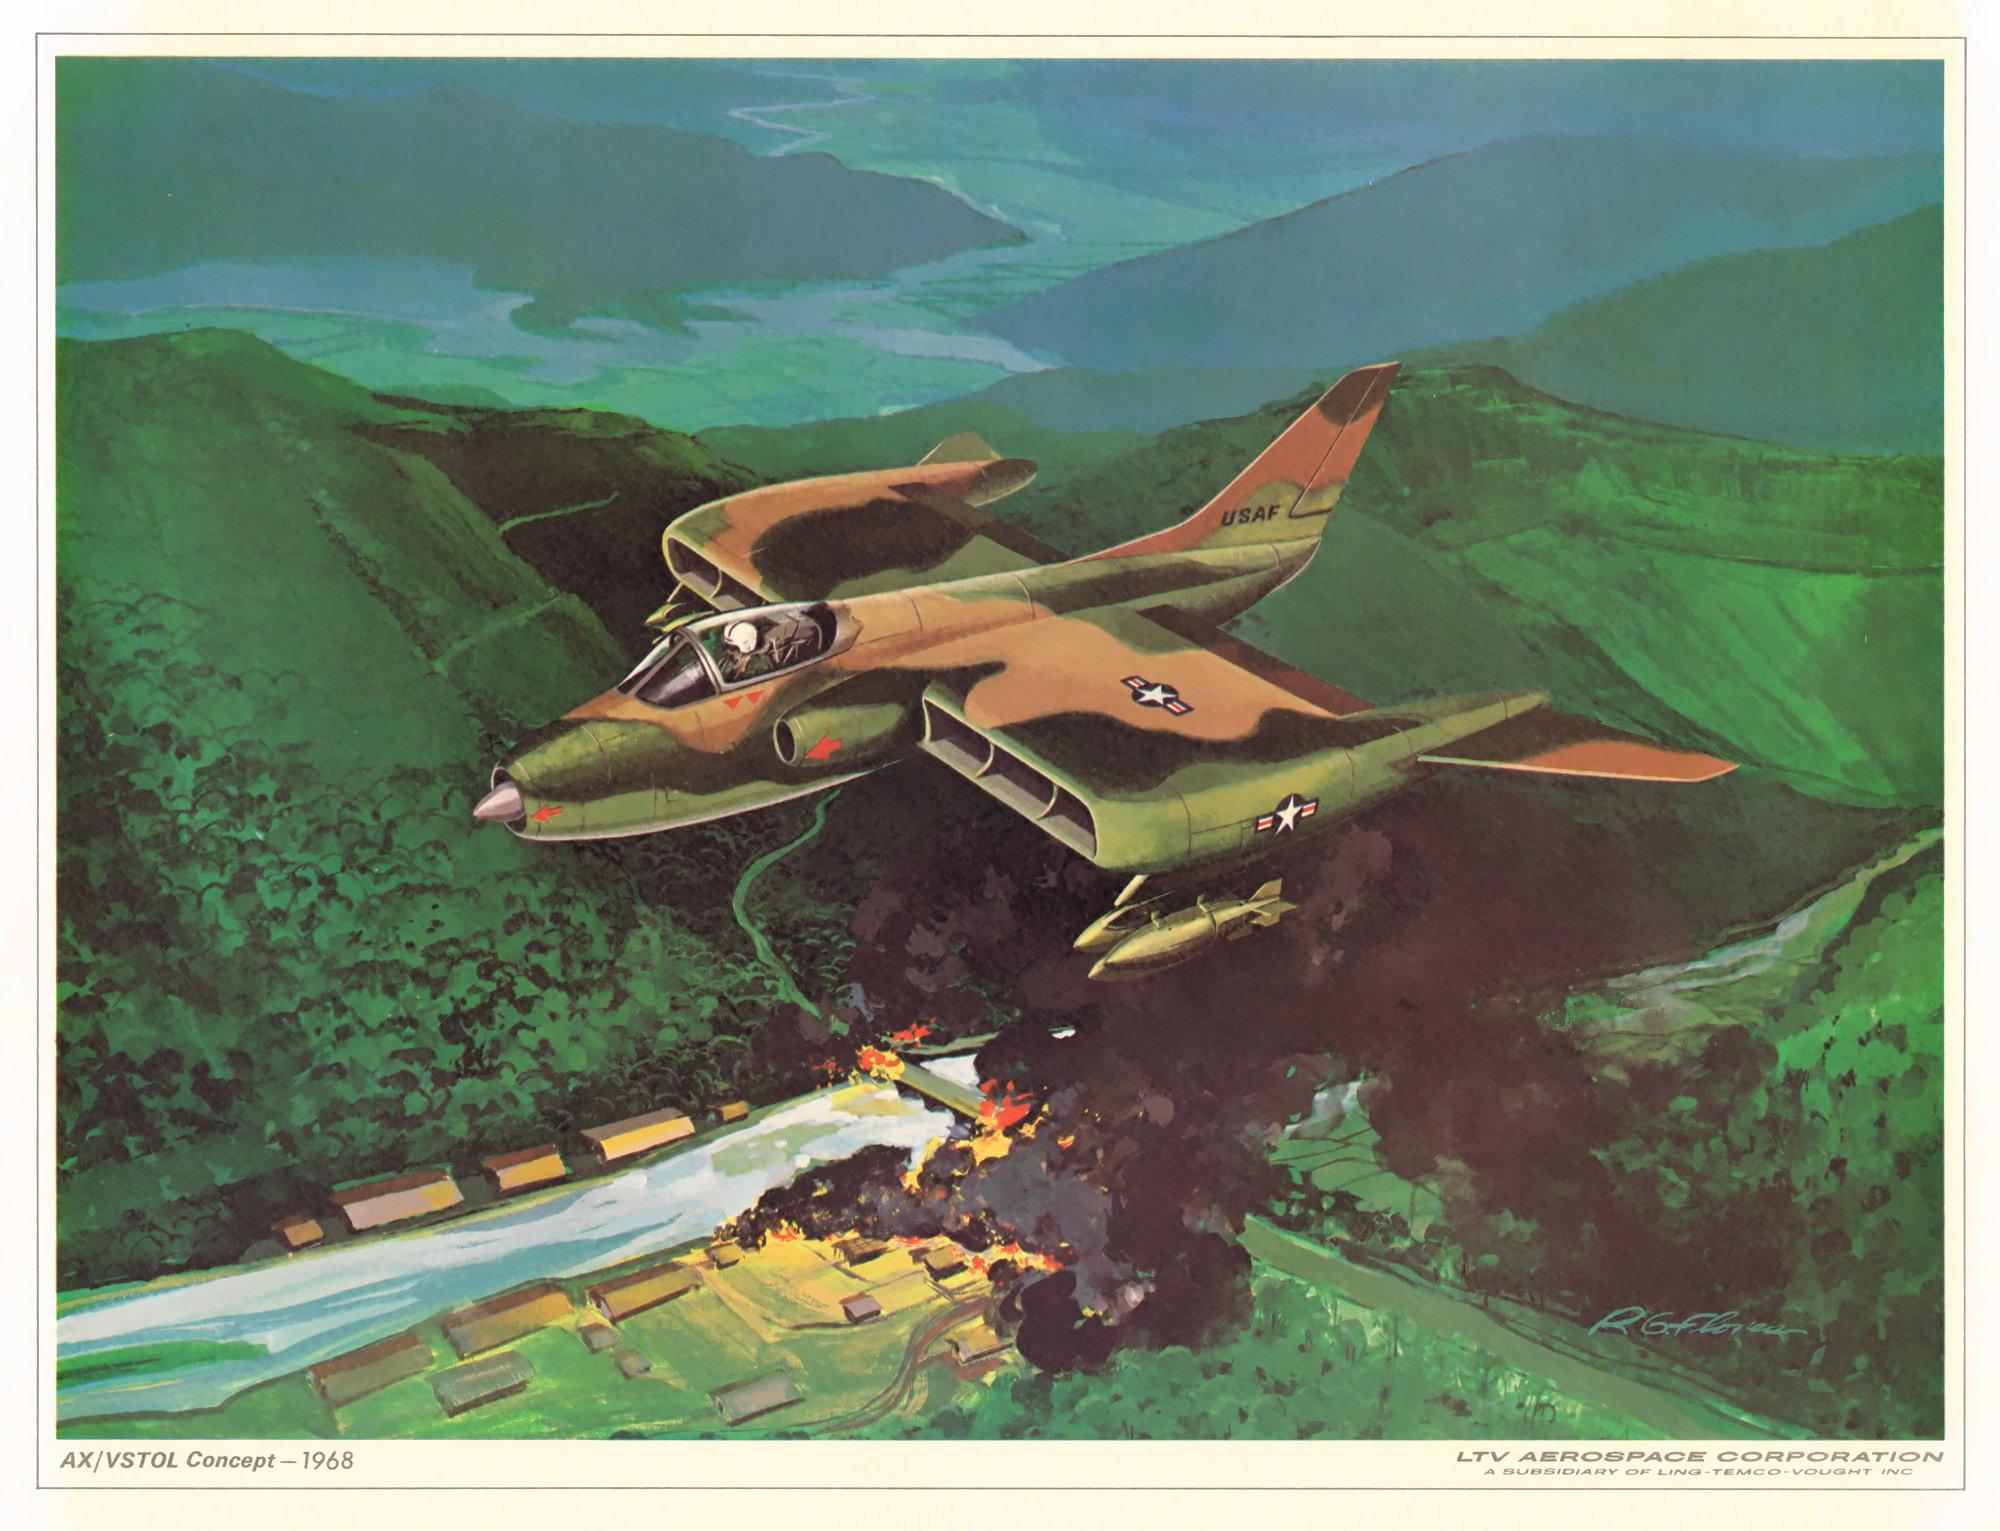 zltv_ax_vstol_concept-1968_artwork-a.JPG